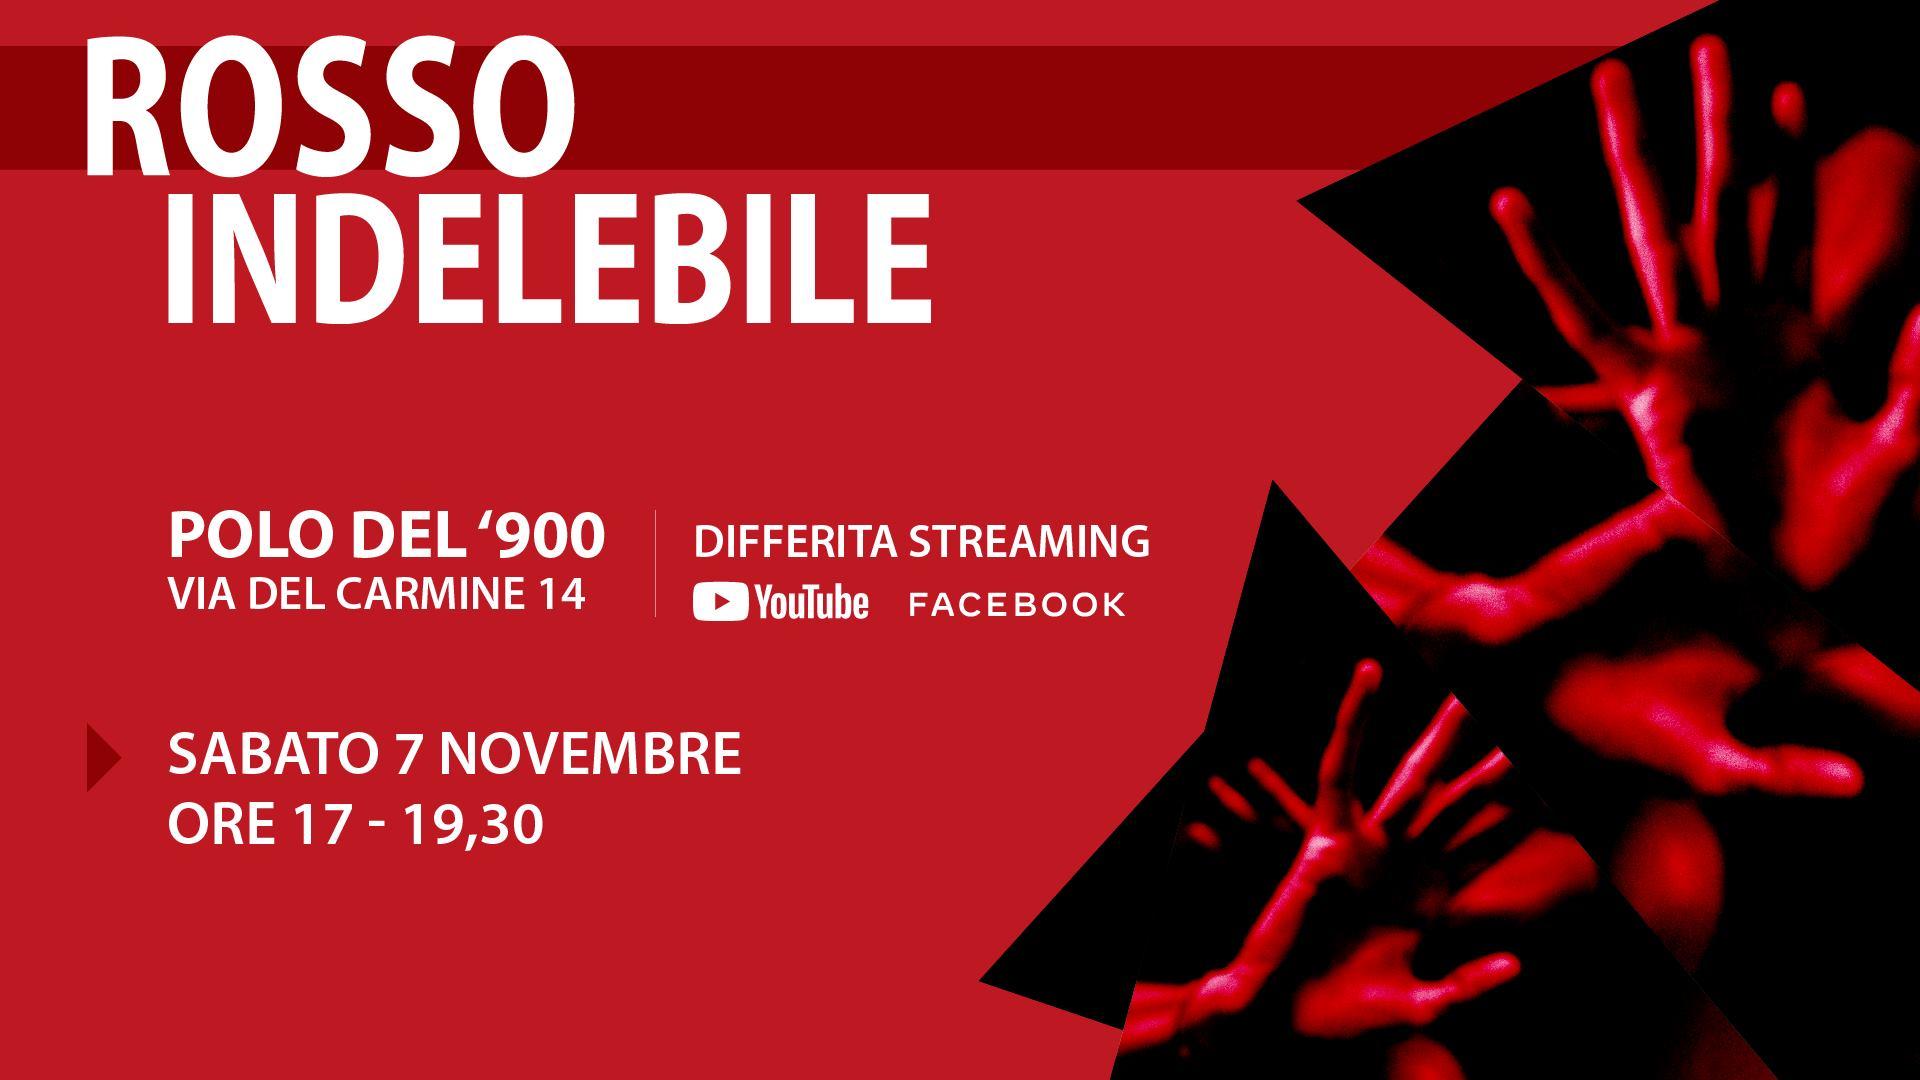 23-25 Novembre 2020 - Arte diffusa Rosso Indelebile contro la violenza di genere a Parco Commerciale Dora di Torino - Torino